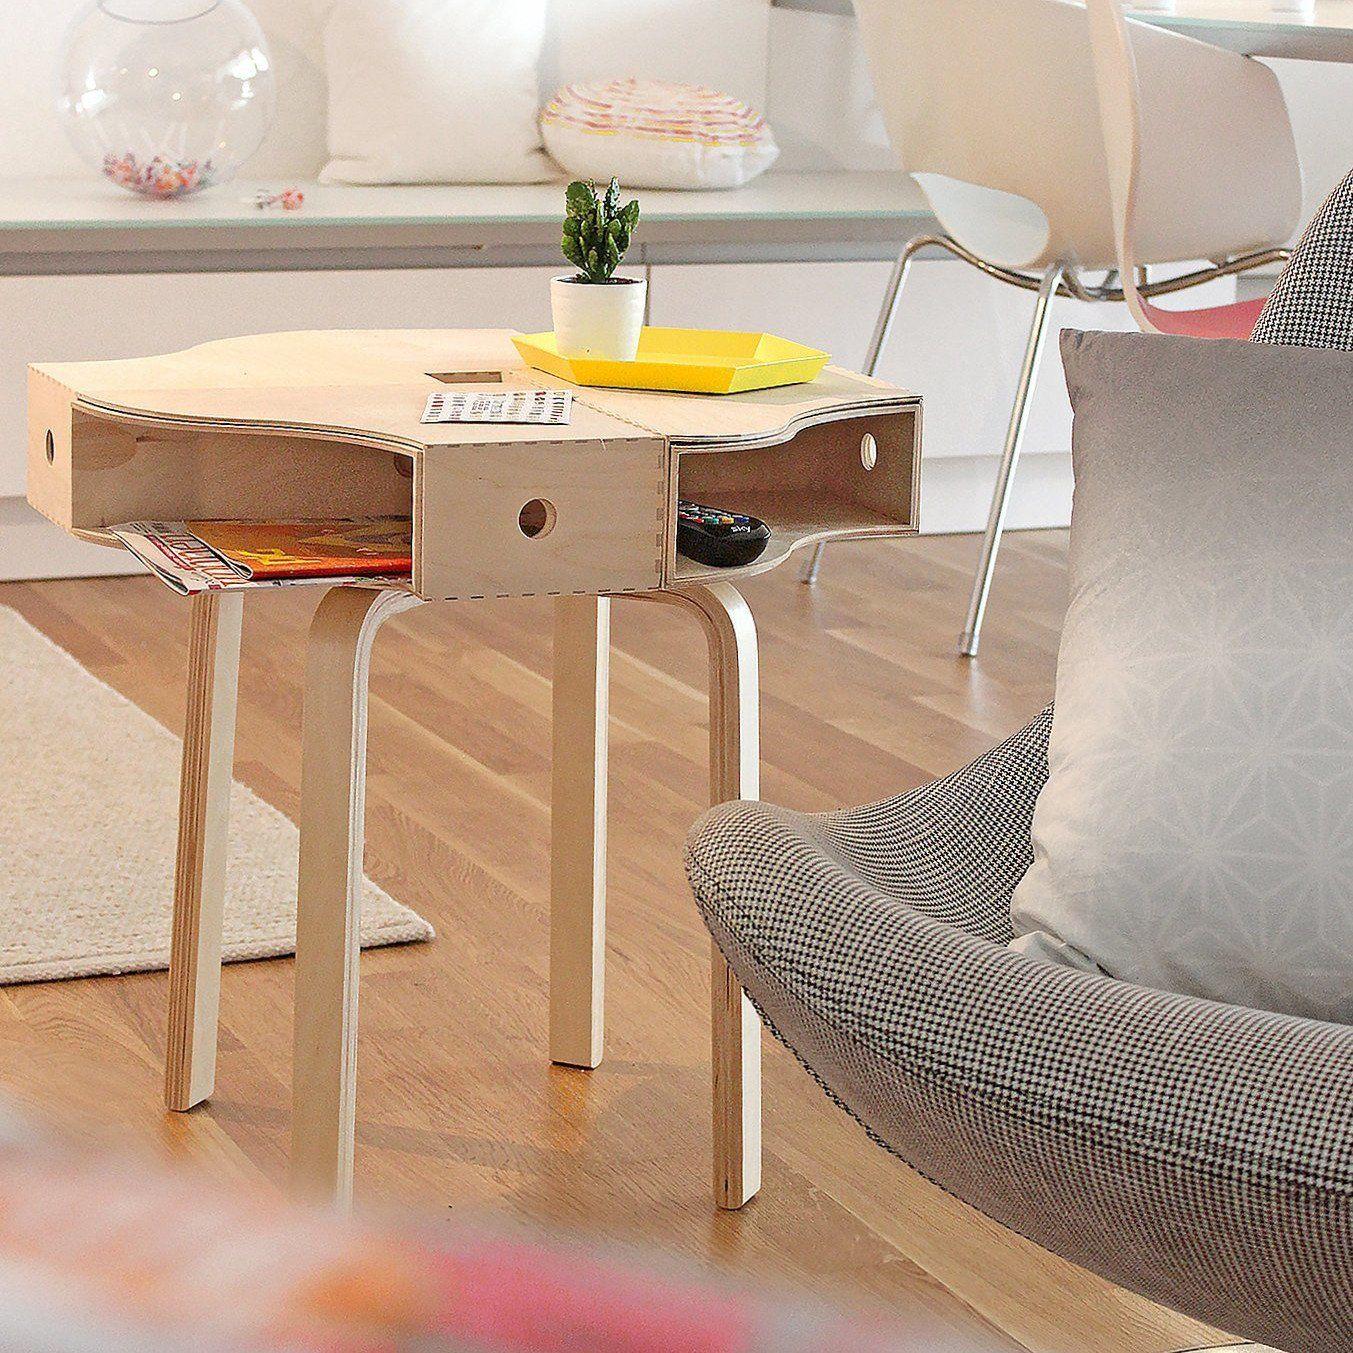 Full Size of Besten Ideen Fr Ikea Hacks Miniküche Hängeregal Küche Günstige Mit E Geräten Arbeitsplatten Landhausstil Singelküche Was Kostet Eine Neue Laminat Wohnzimmer Ikea Hacks Küche